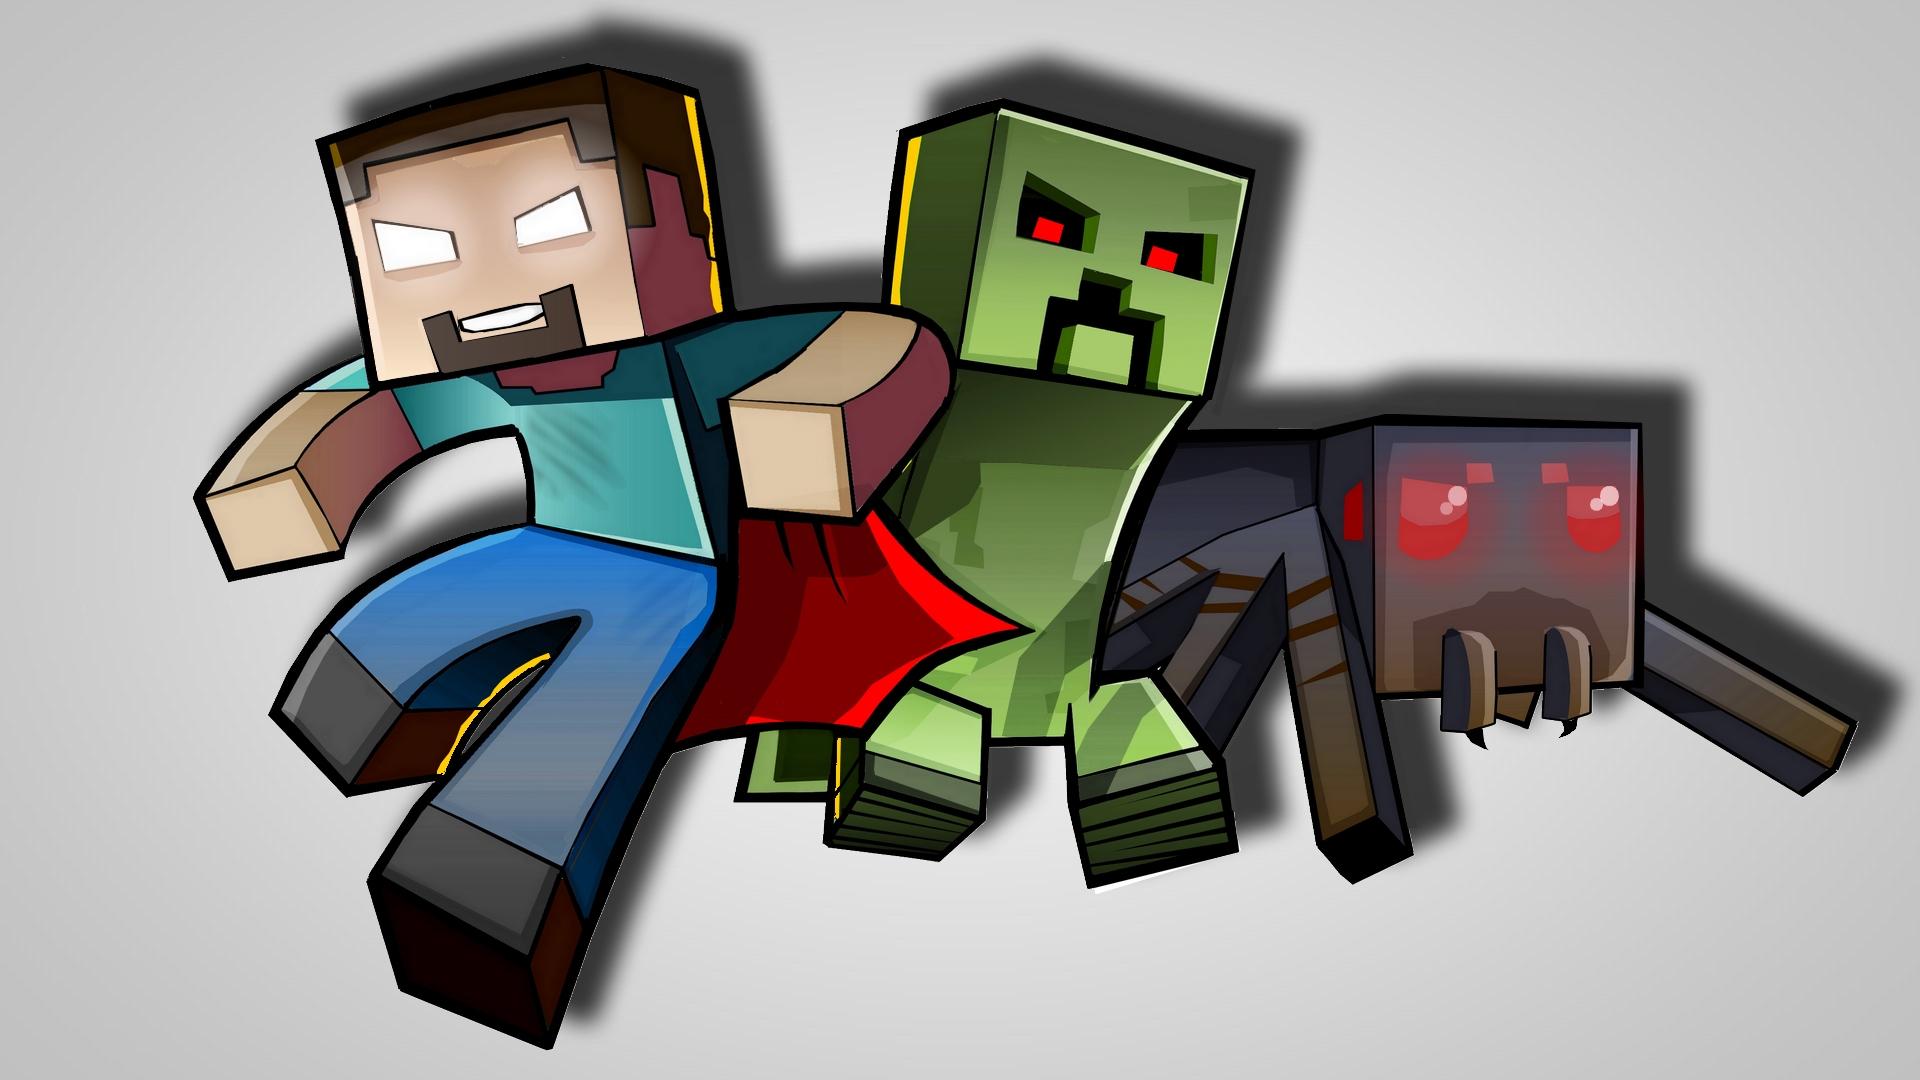 Minecraft Art - ID: 85819 - Art Abyss